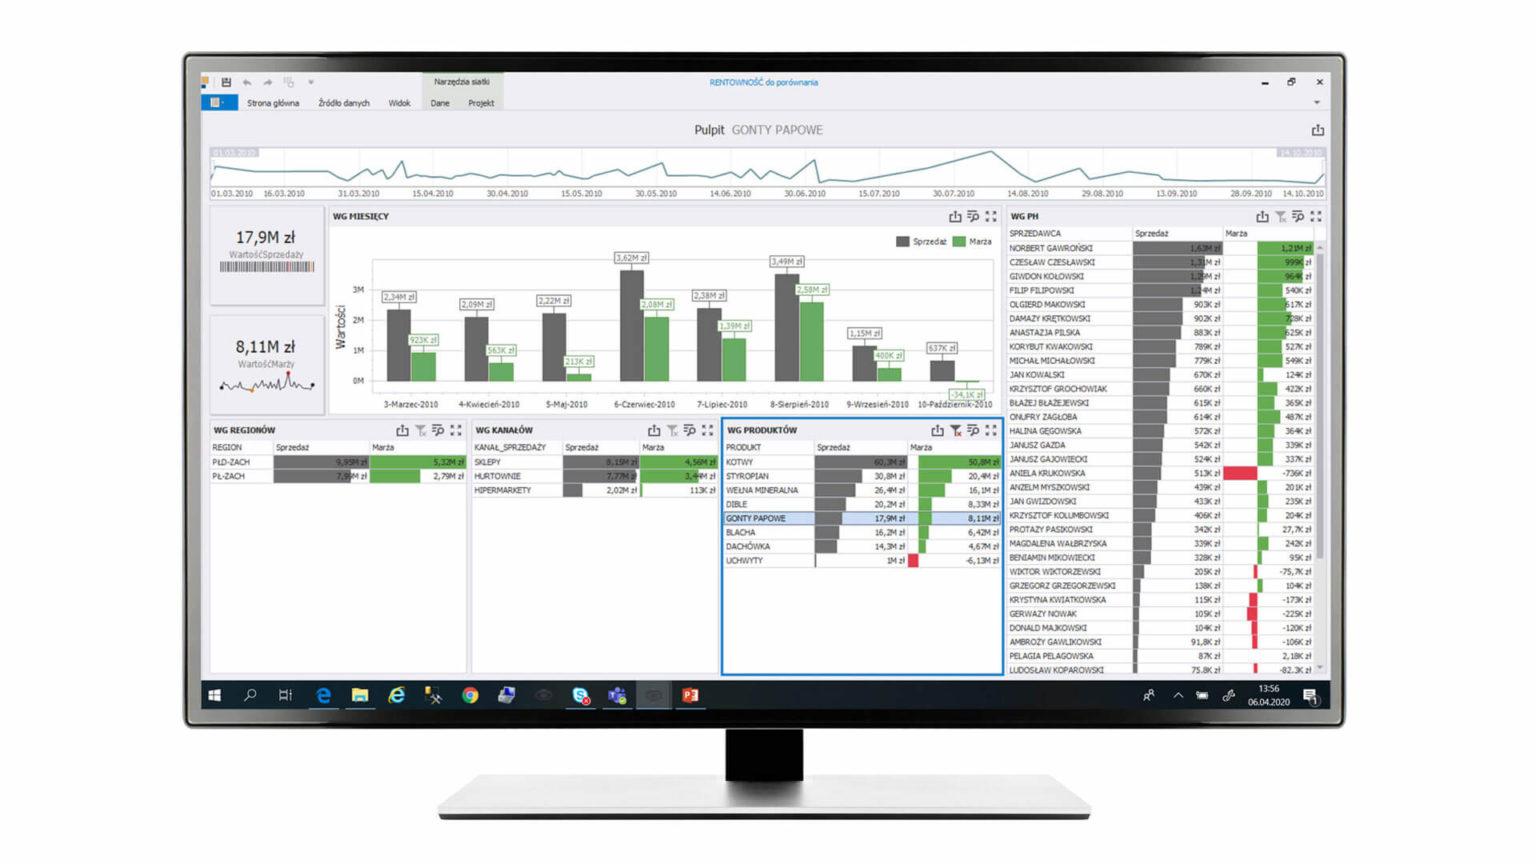 Analiza sprzedaży i rentowności  Daje możliwość zgromadzenia na jednym ekranie źródeł przychodów firmy uporządkowanych                     m.in. według regionu, kanału  sprzedaży, asortymentu czy handlowców oraz wartości marży.